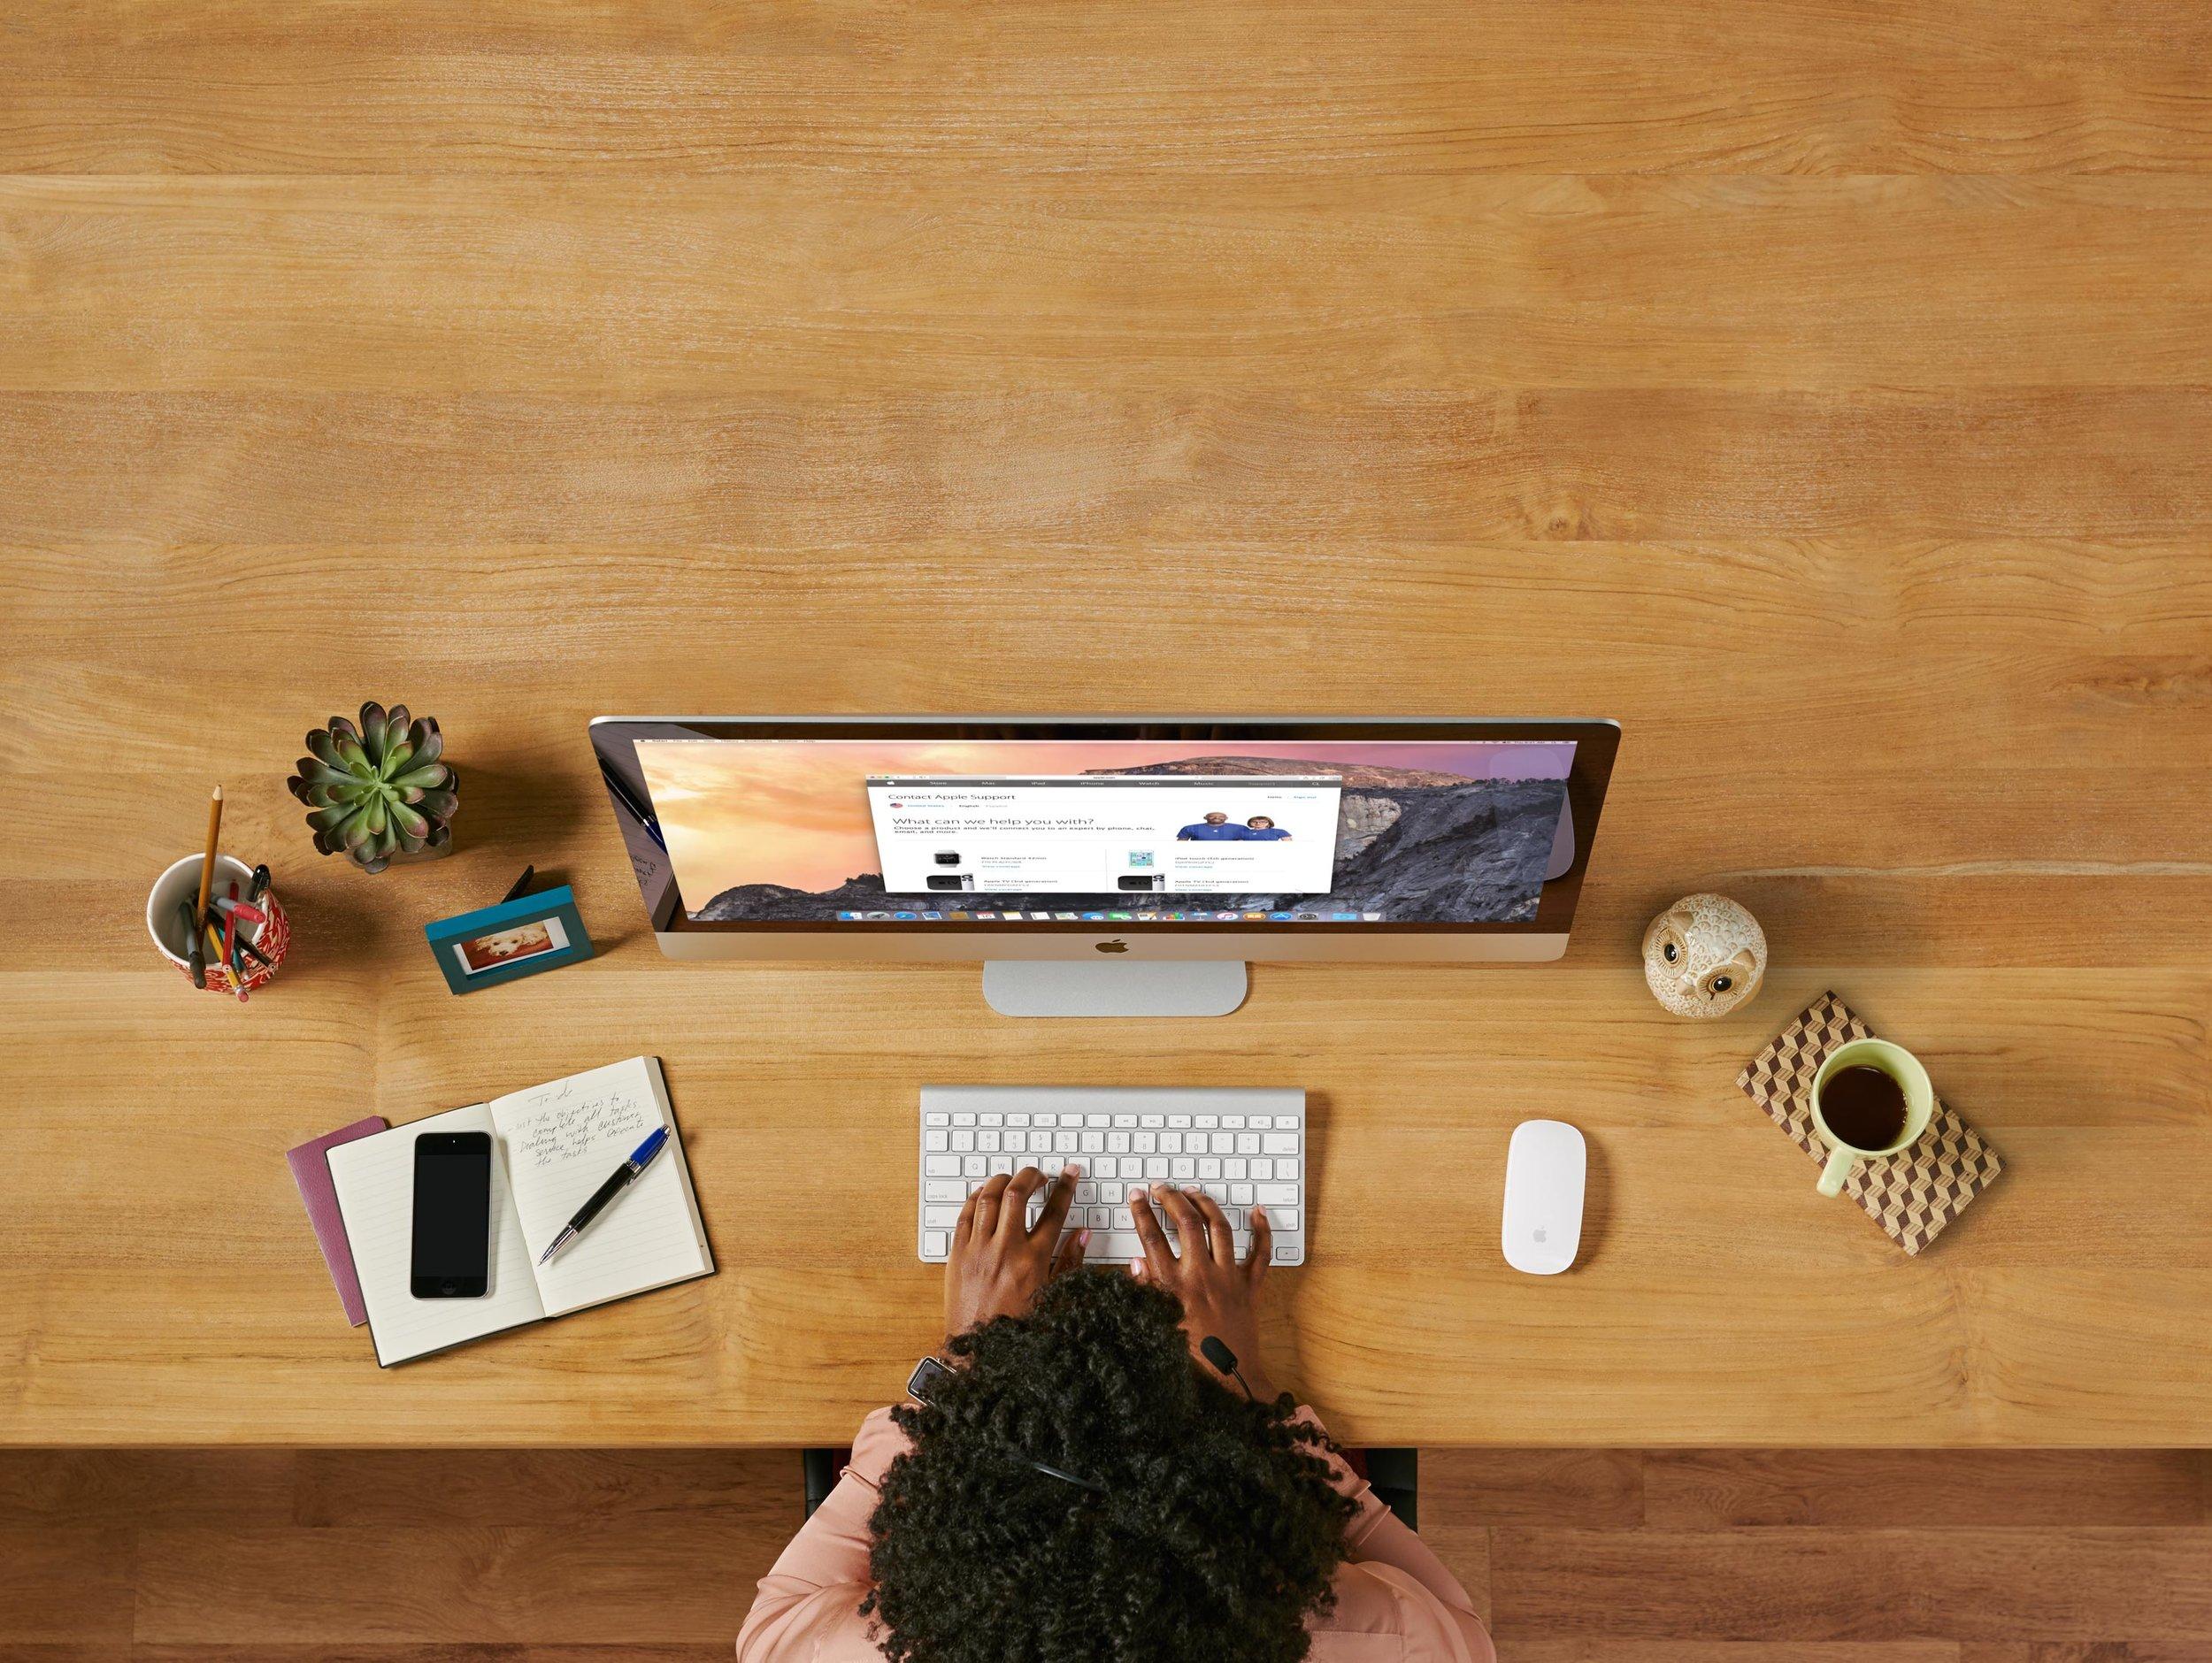 desktop@2x.jpg